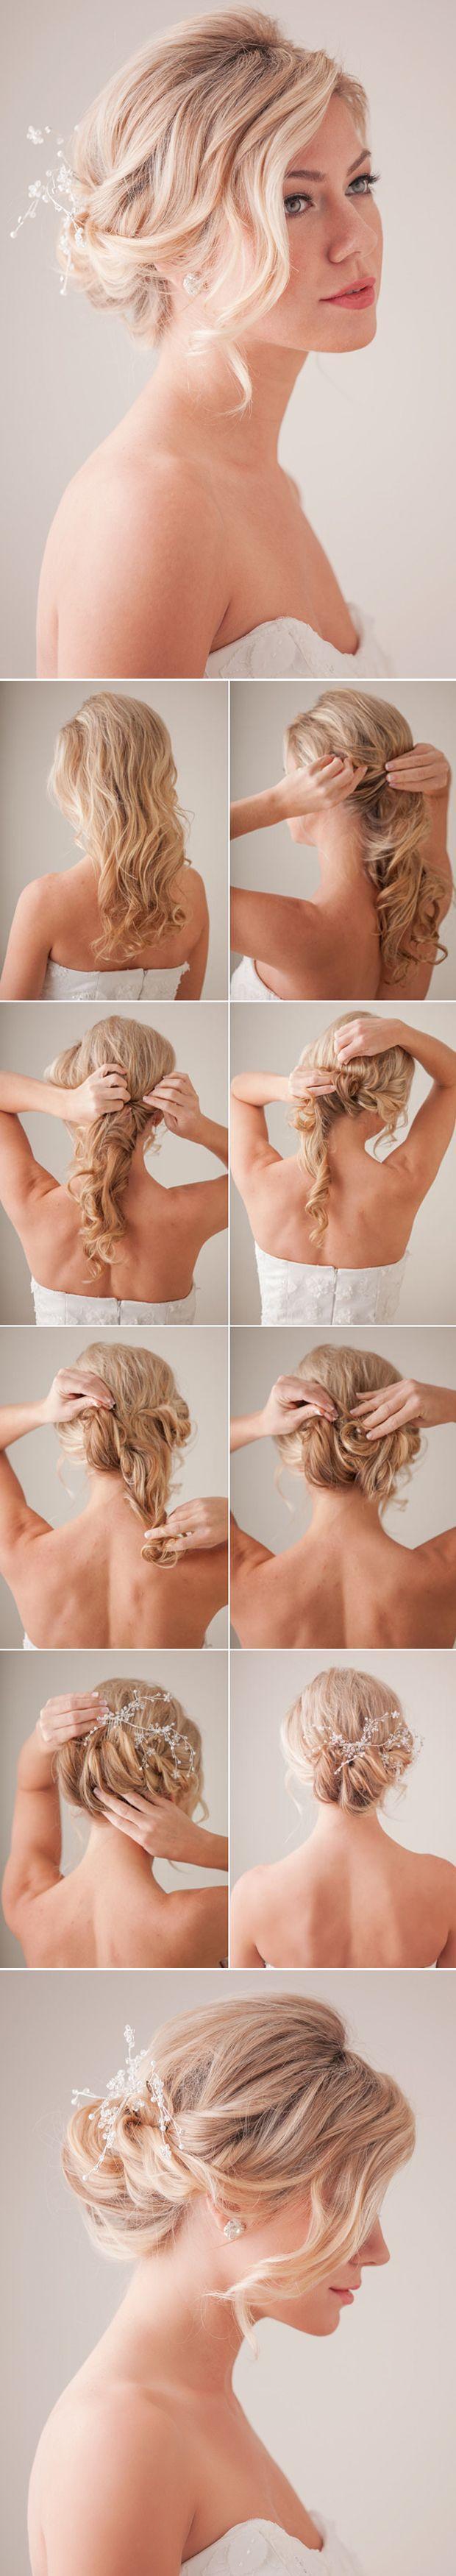 Mariage - 10 Best DIY Wedding Hairstyles With Tutorials